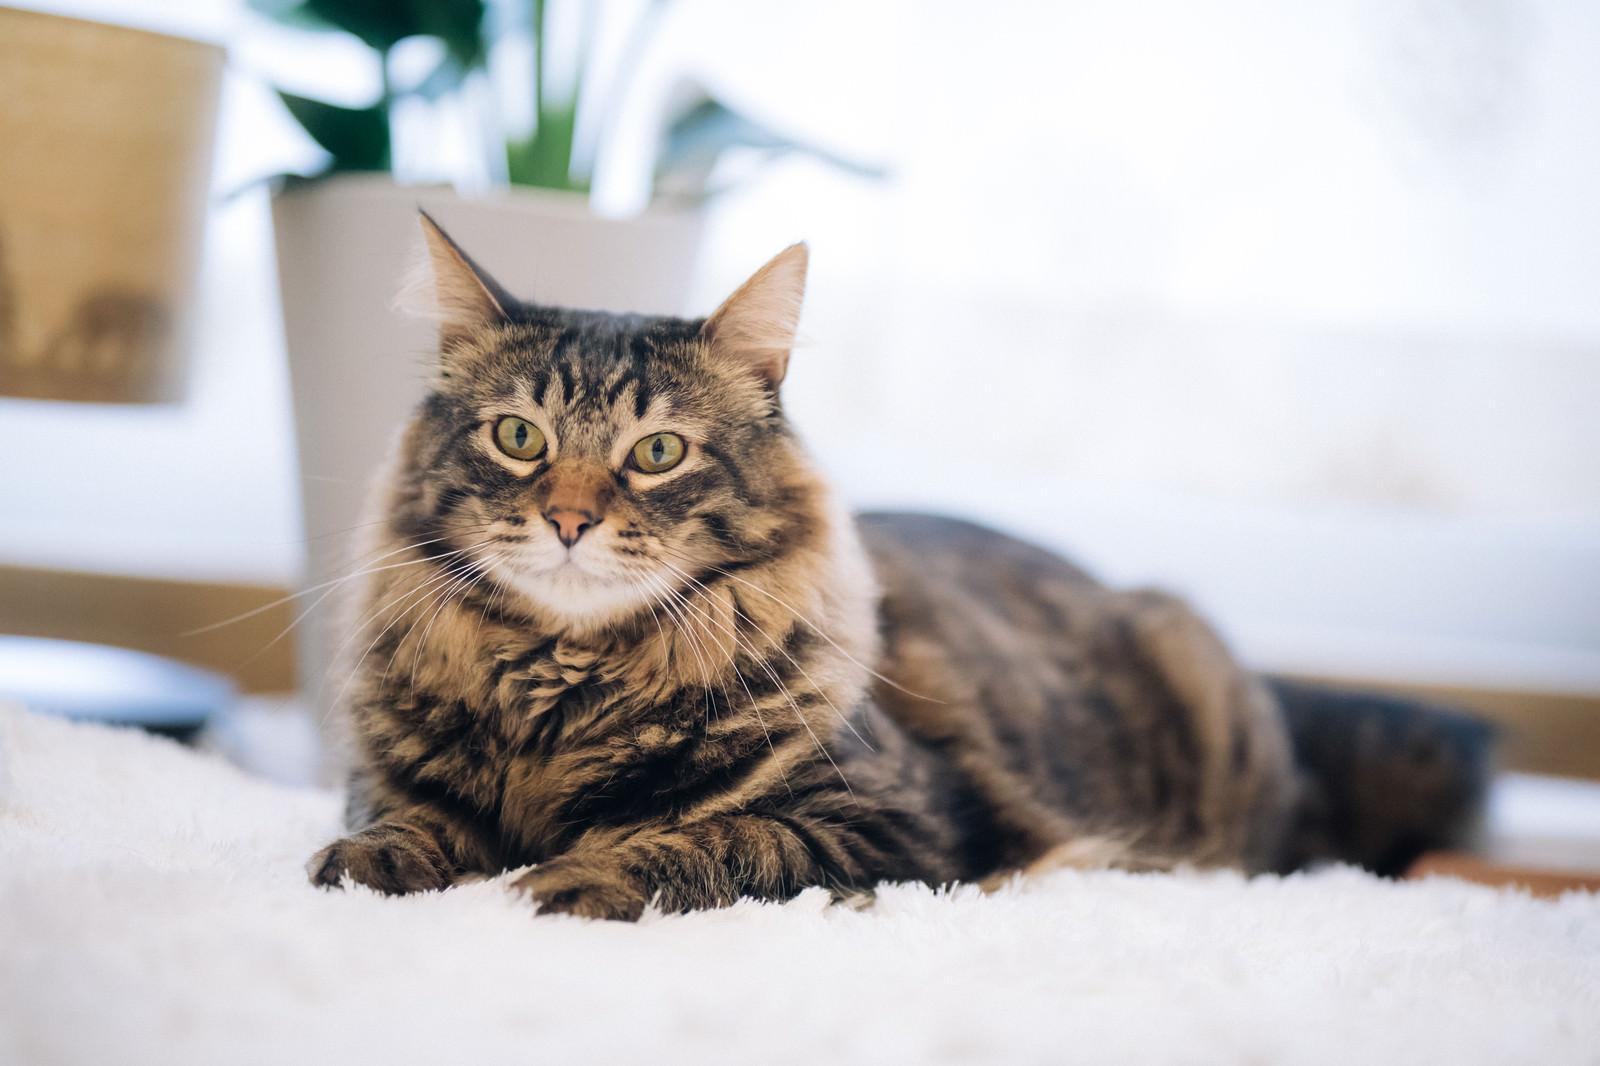 「大人の余裕さえ感じ取れる猫 | 写真の無料素材・フリー素材 - ぱくたそ」の写真